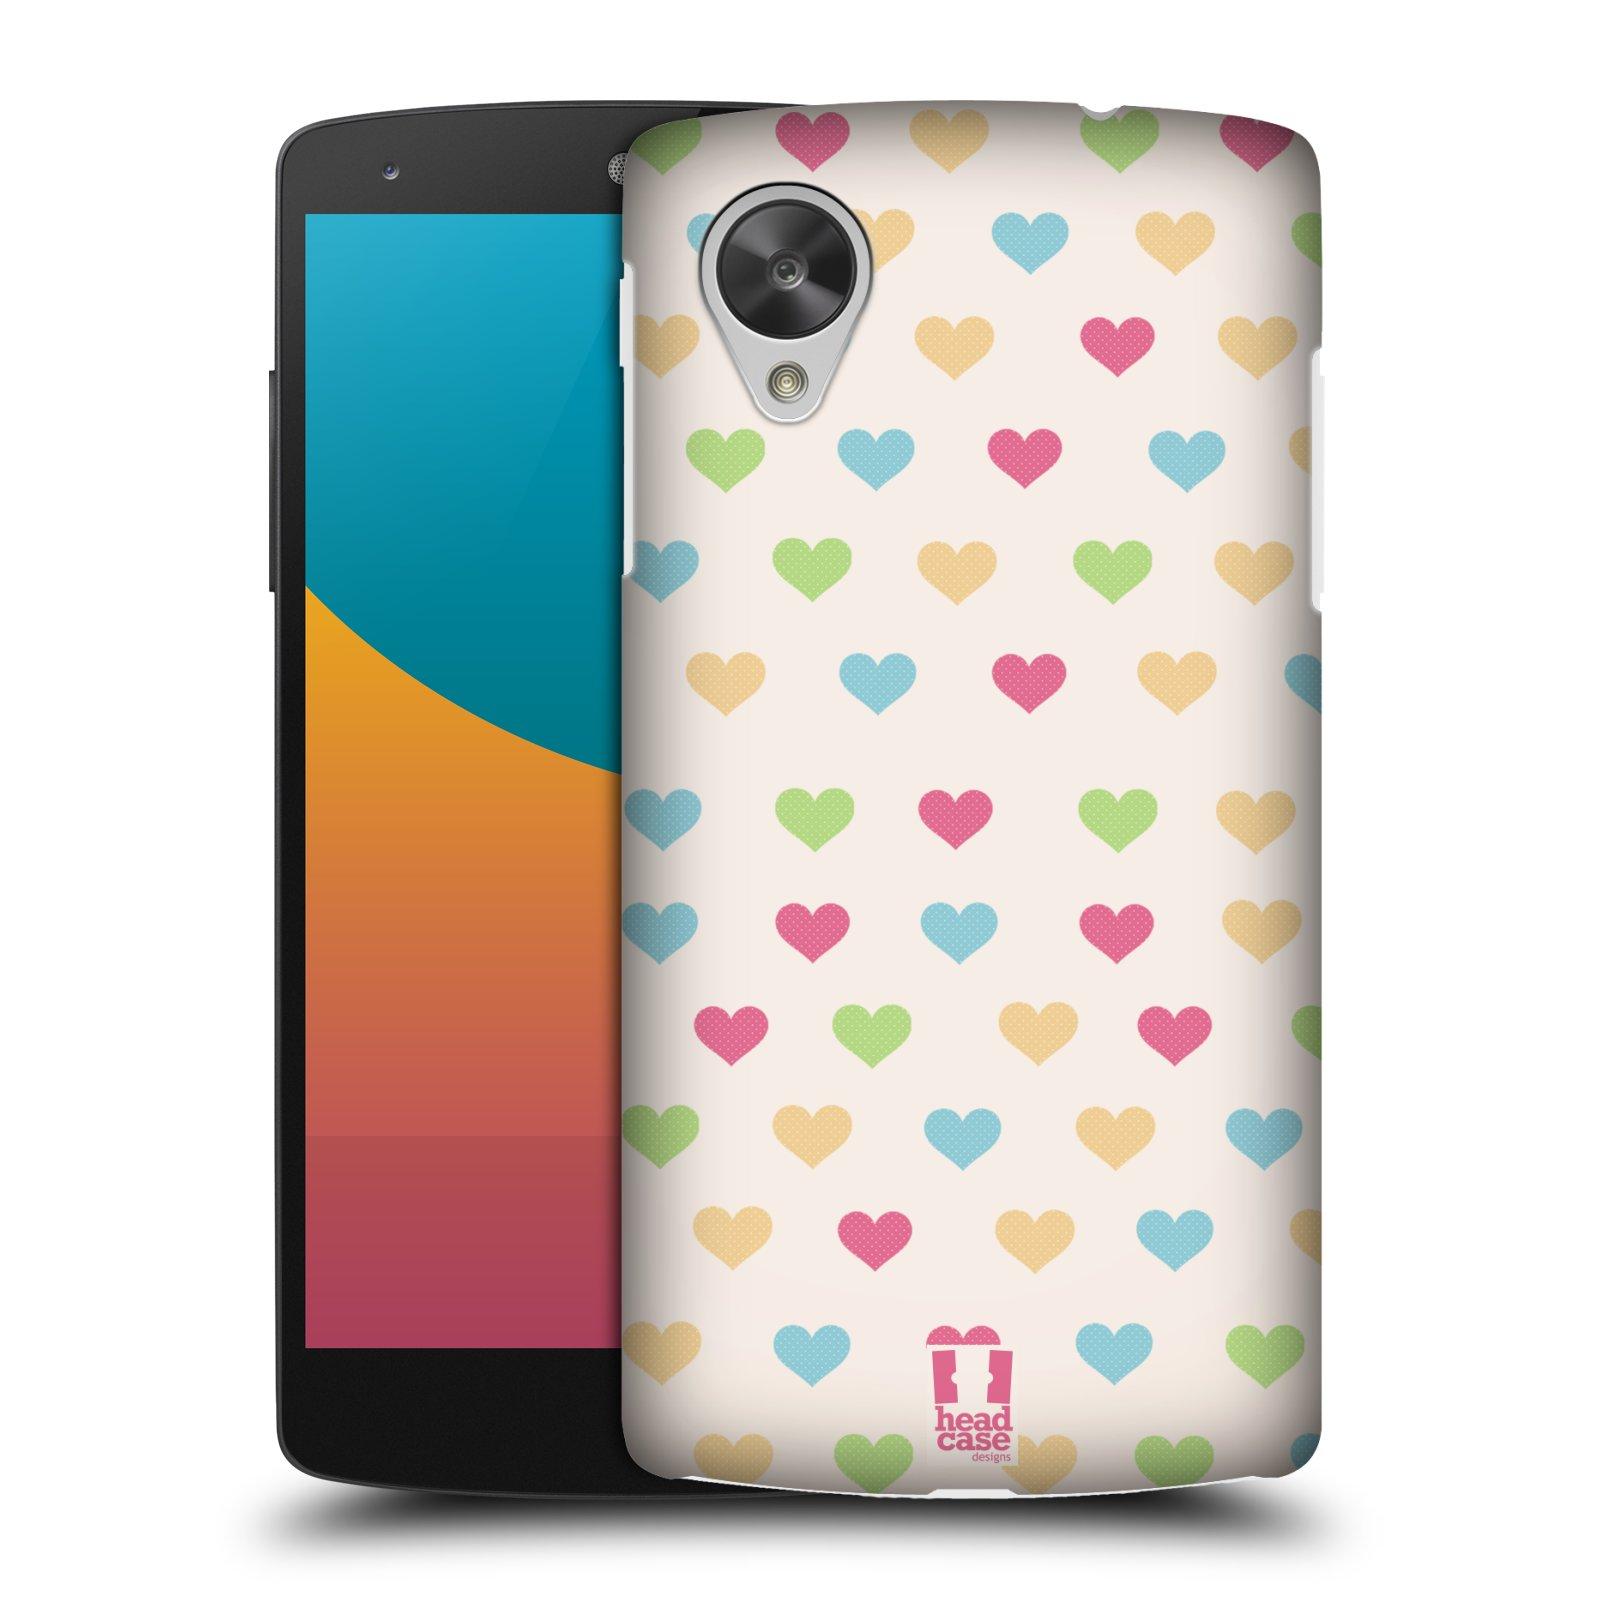 Plastové pouzdro na mobil LG Nexus 5 HEAD CASE SRDÍČKA BAREVNÁ (Kryt či obal na mobilní telefon LG Google Nexus 5 D821)